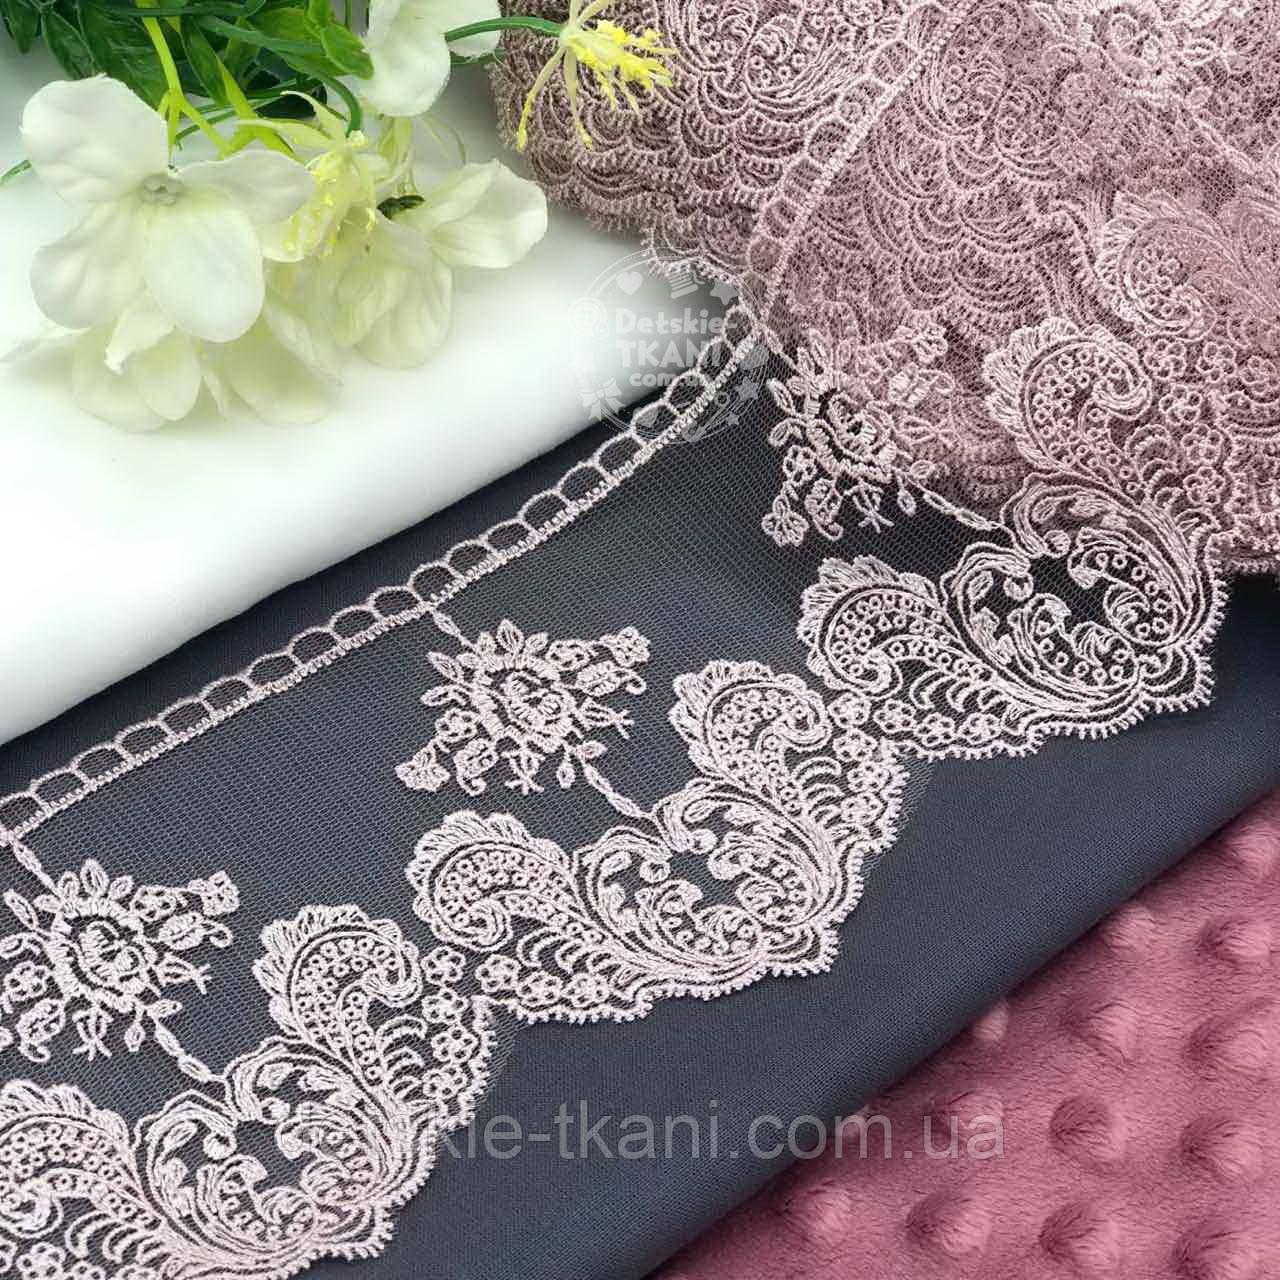 Кружево с цветочками и узорными листьями пыльно-розового цвета, вышивка шёлковой нитью, ширина 10,5 см